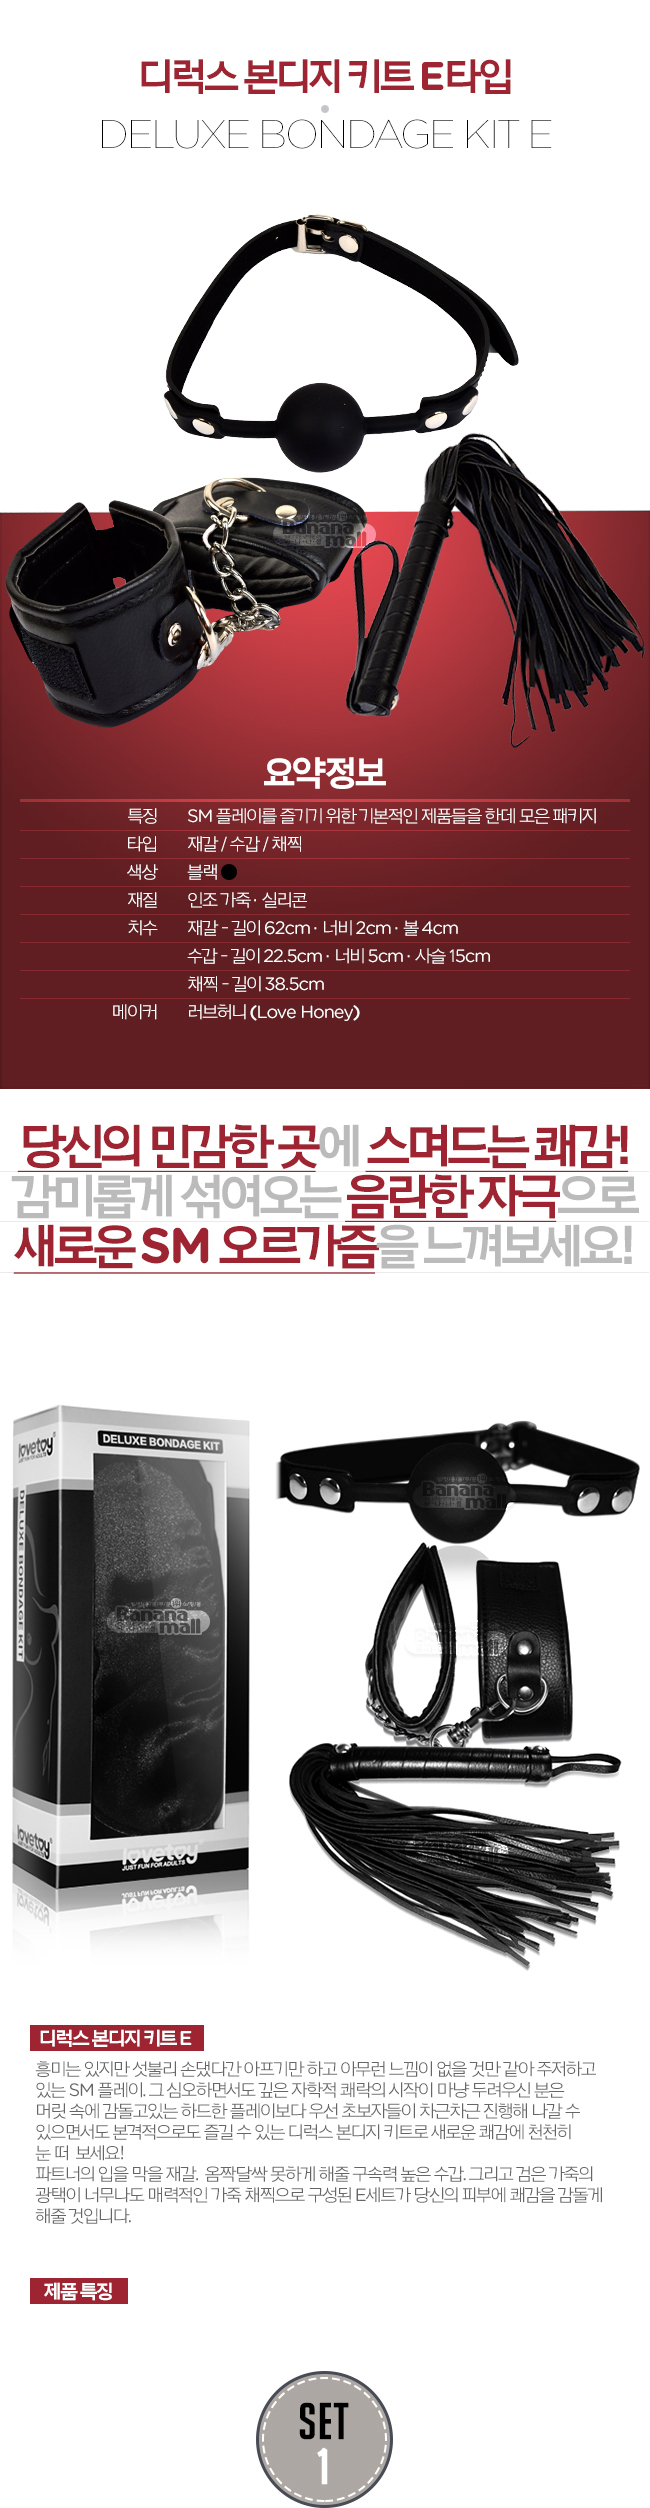 [본디지 세트] 디럭스 본디지 키트 E타입(Lovetoy Deluxe Bondage Kit E) - 러브토이(SM1005)